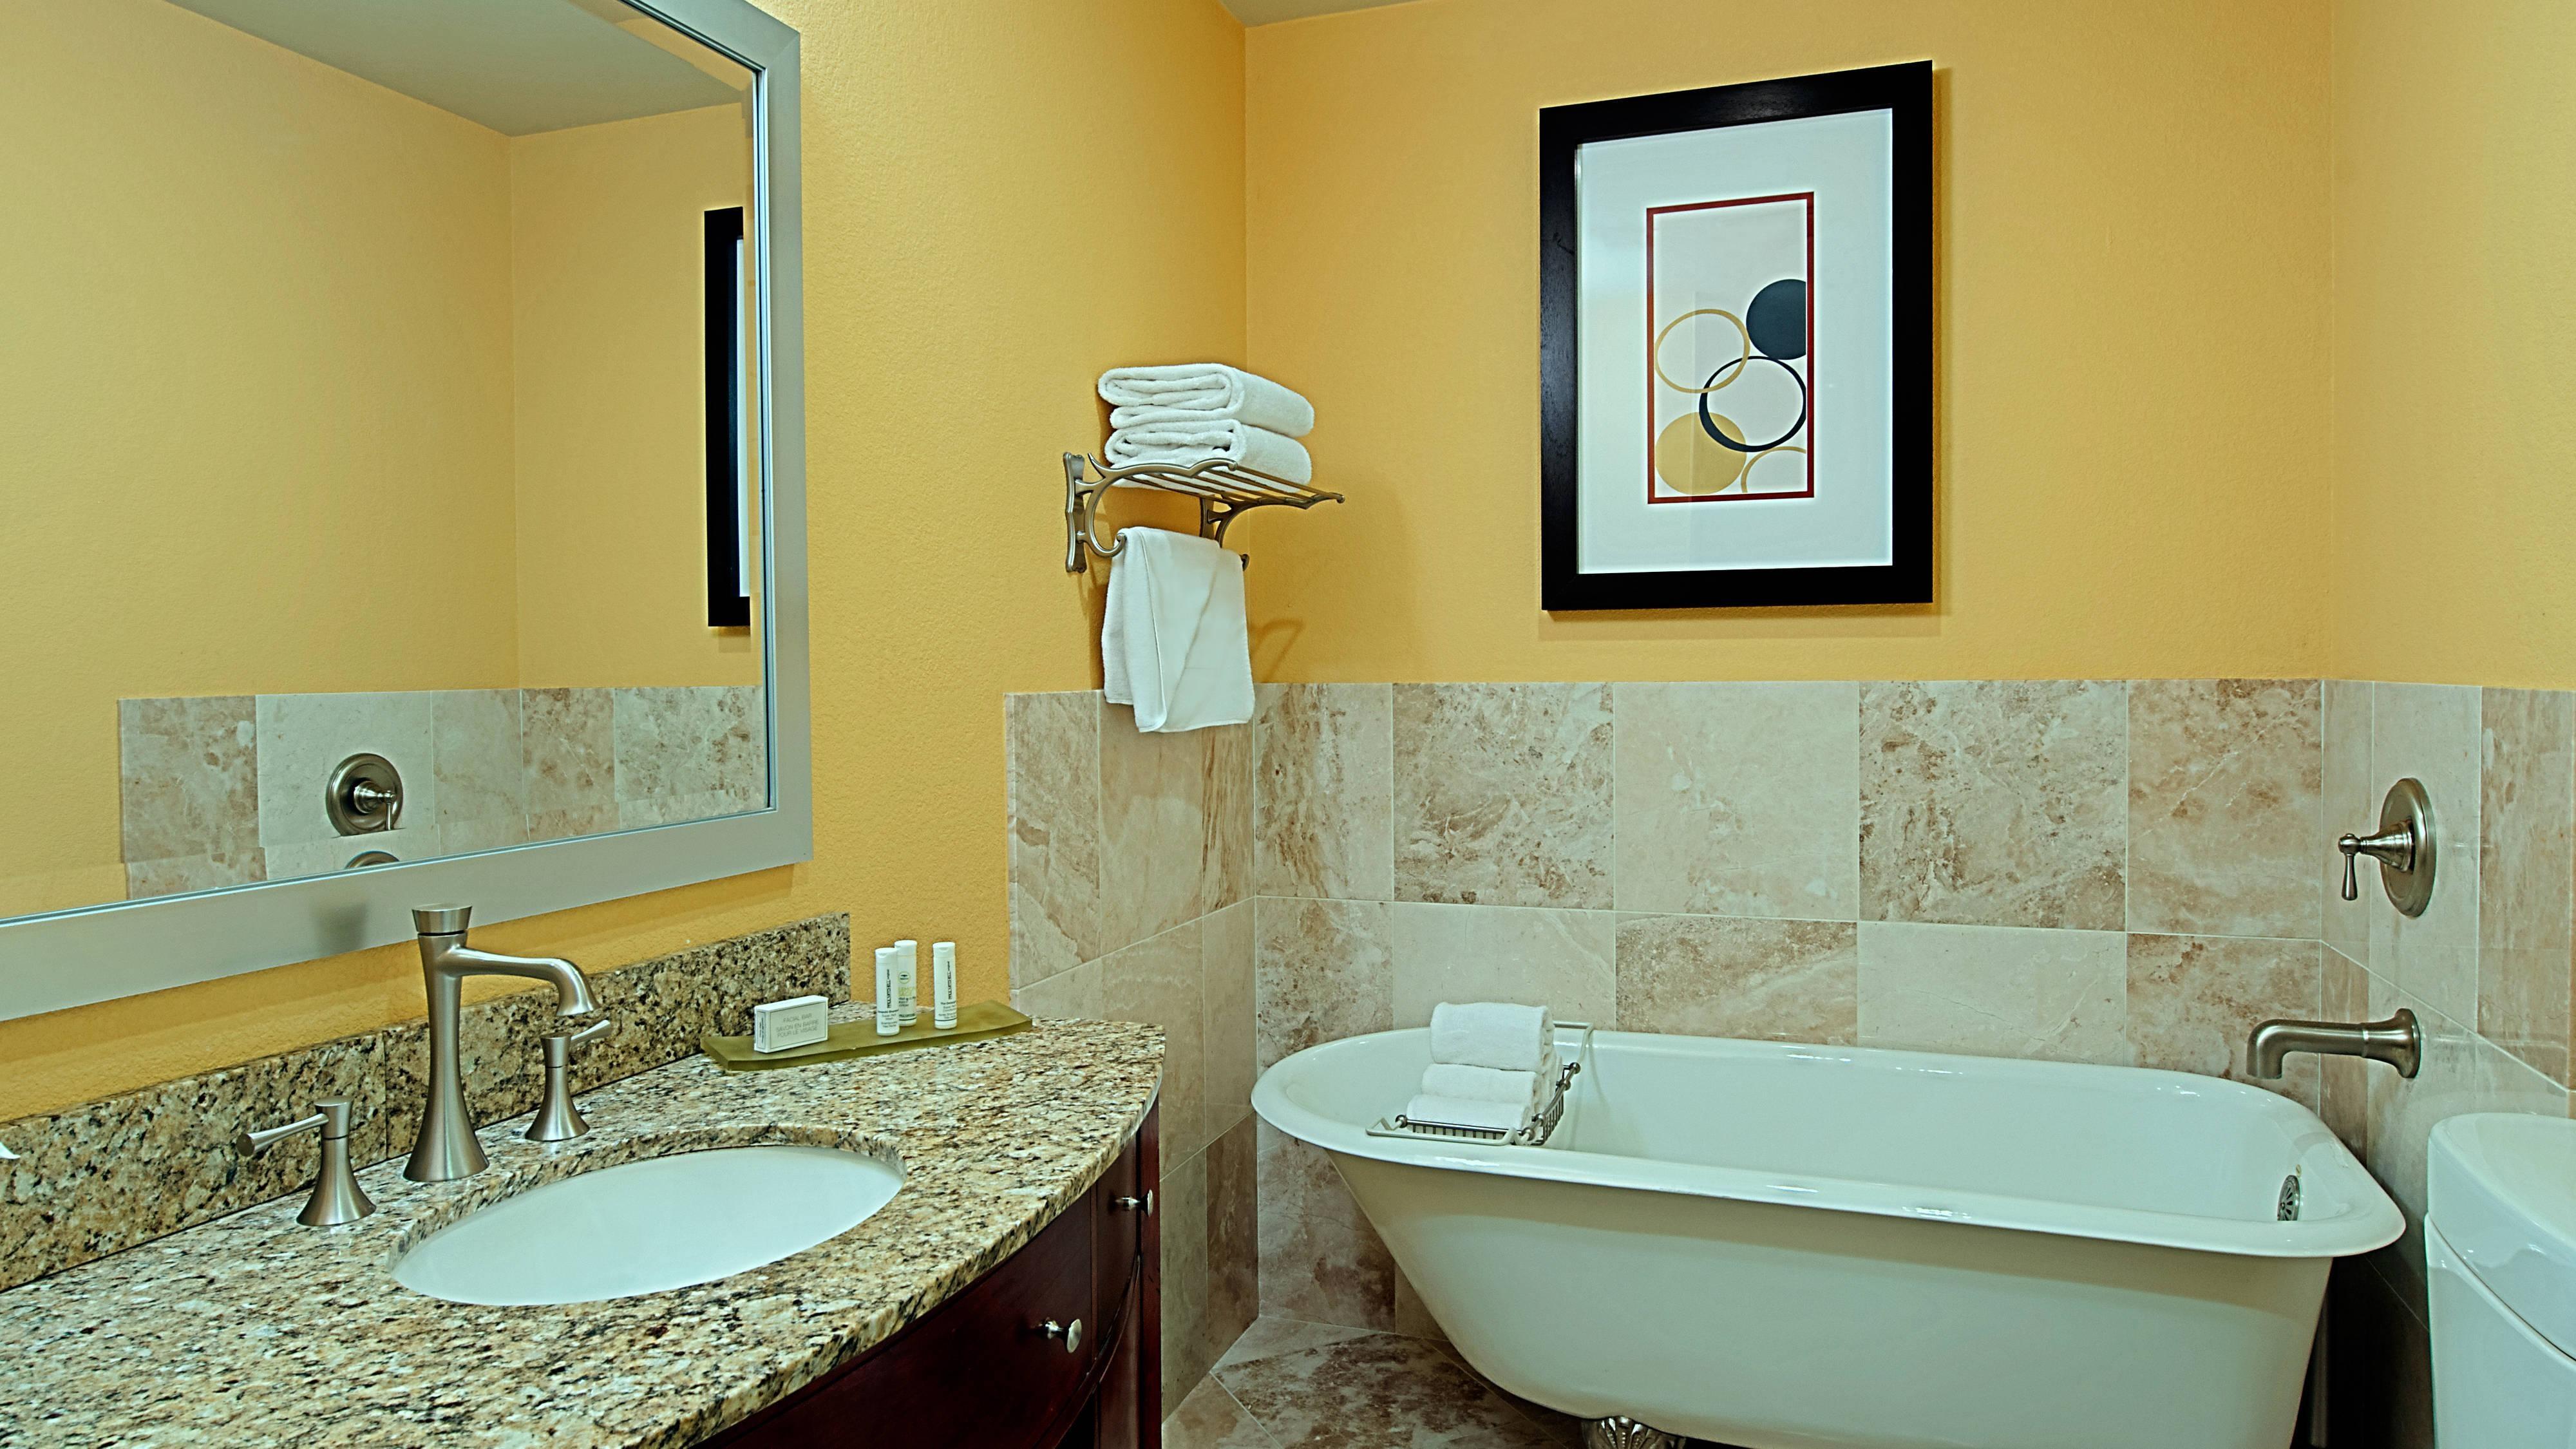 Baño de la suite de dos dormitorios